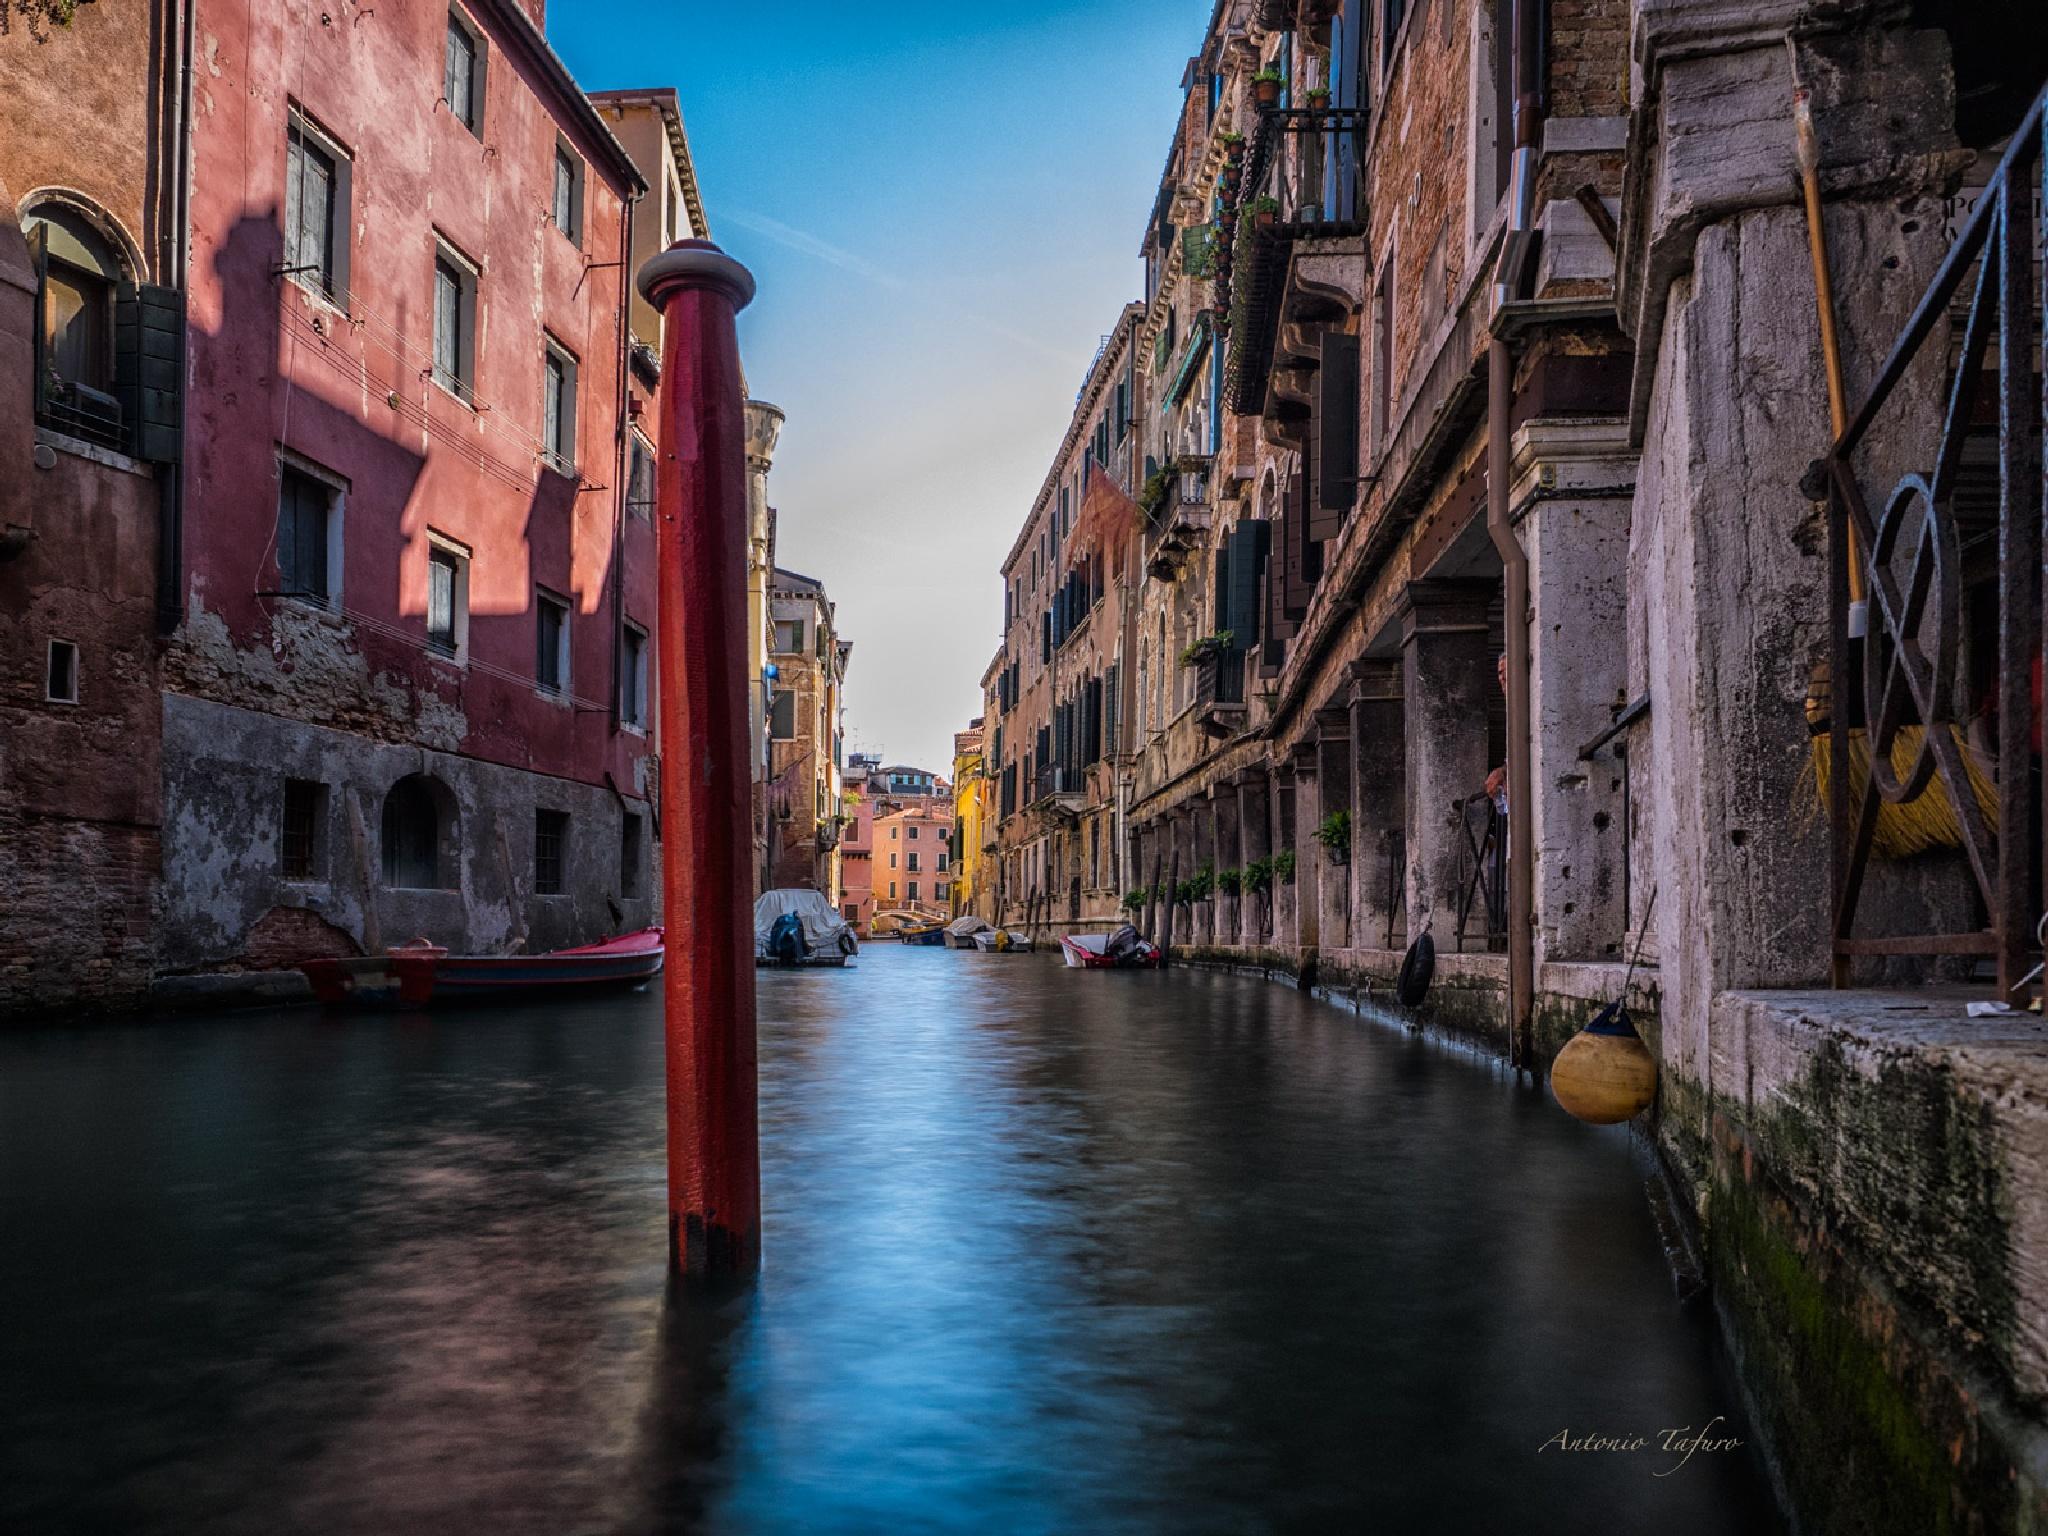 tra i canali by Antonio Tafuro